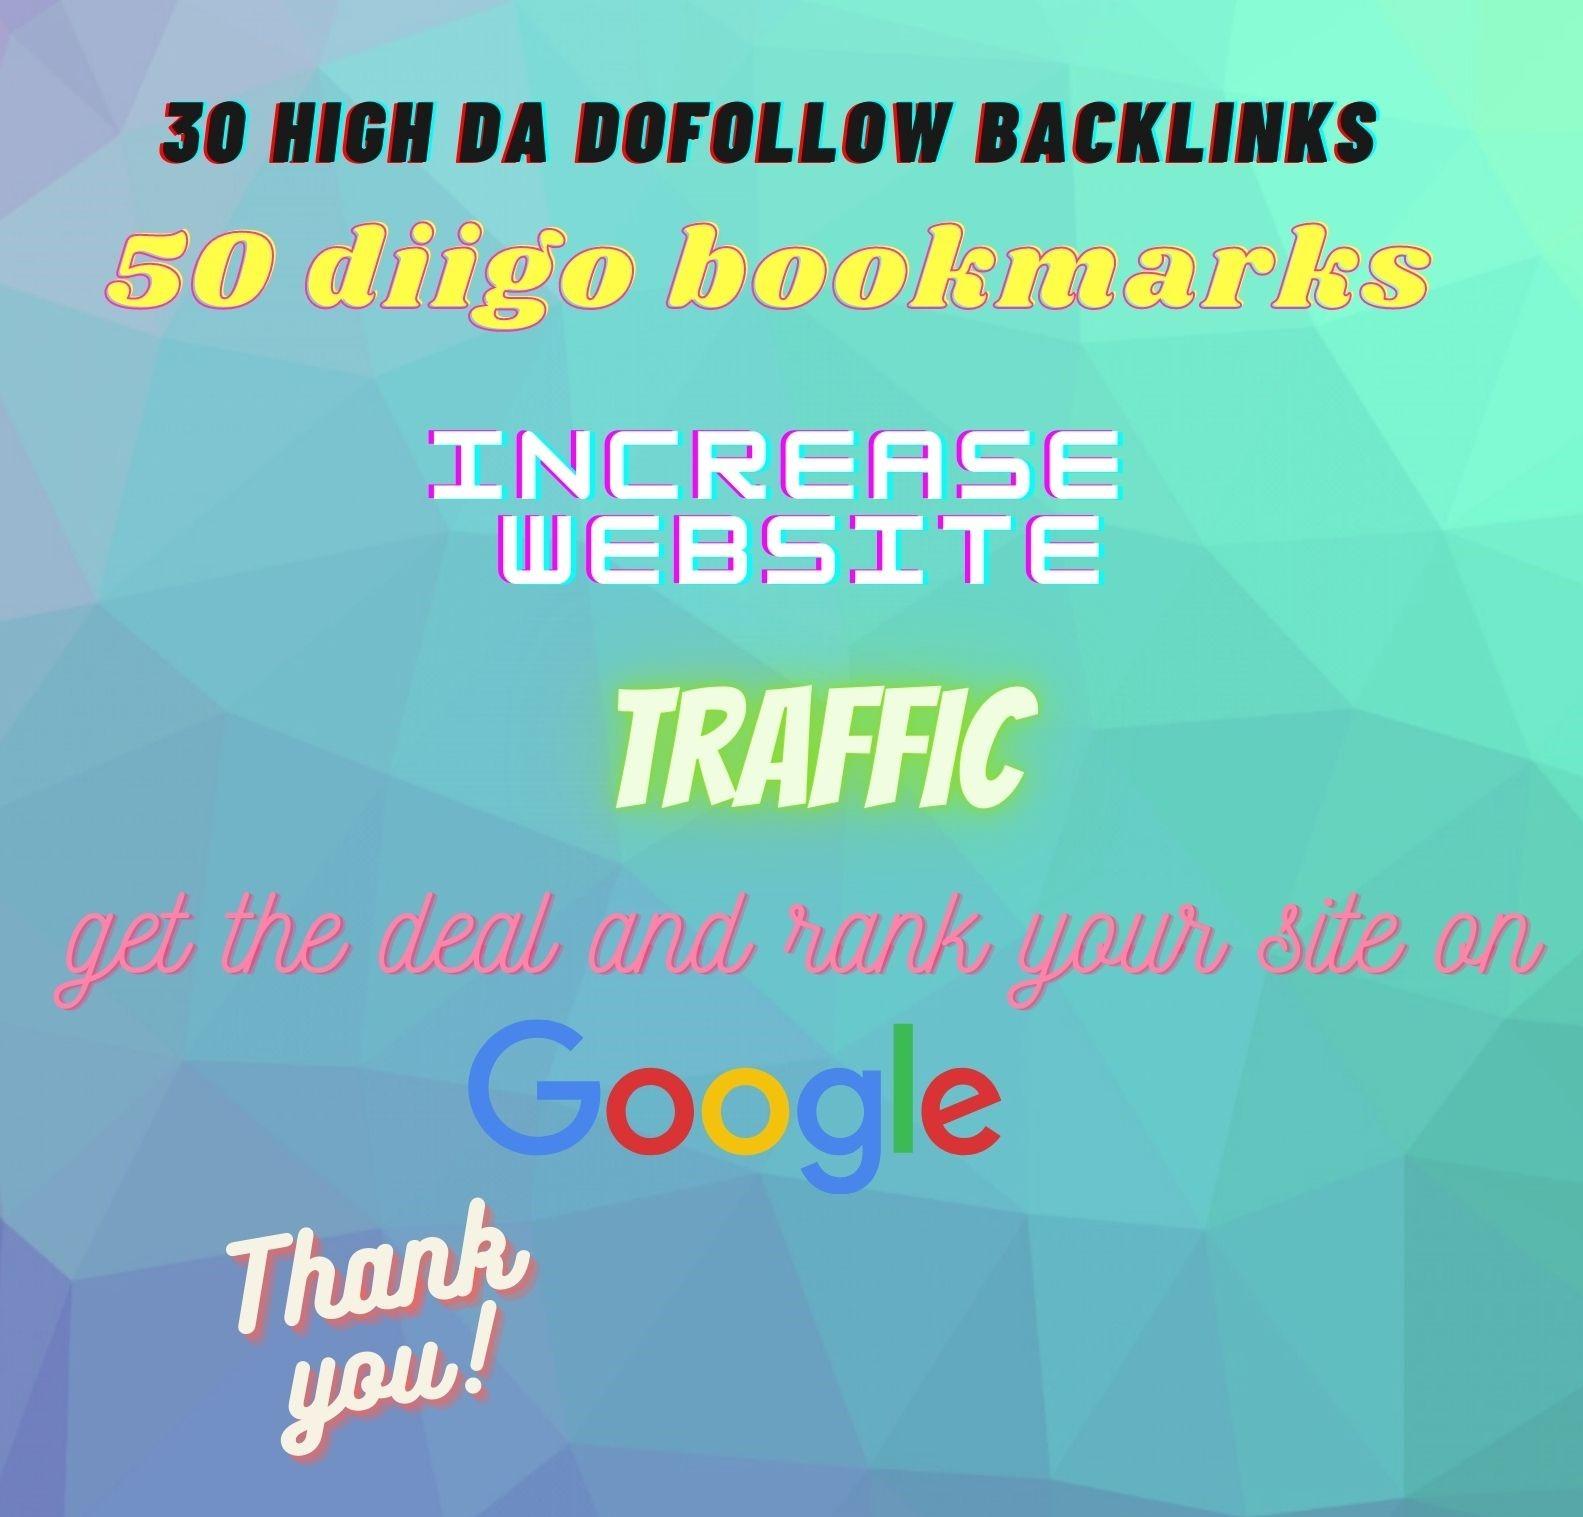 I Will make 30 high DA Dofollow Backlinks &50 Diigo bookmarks